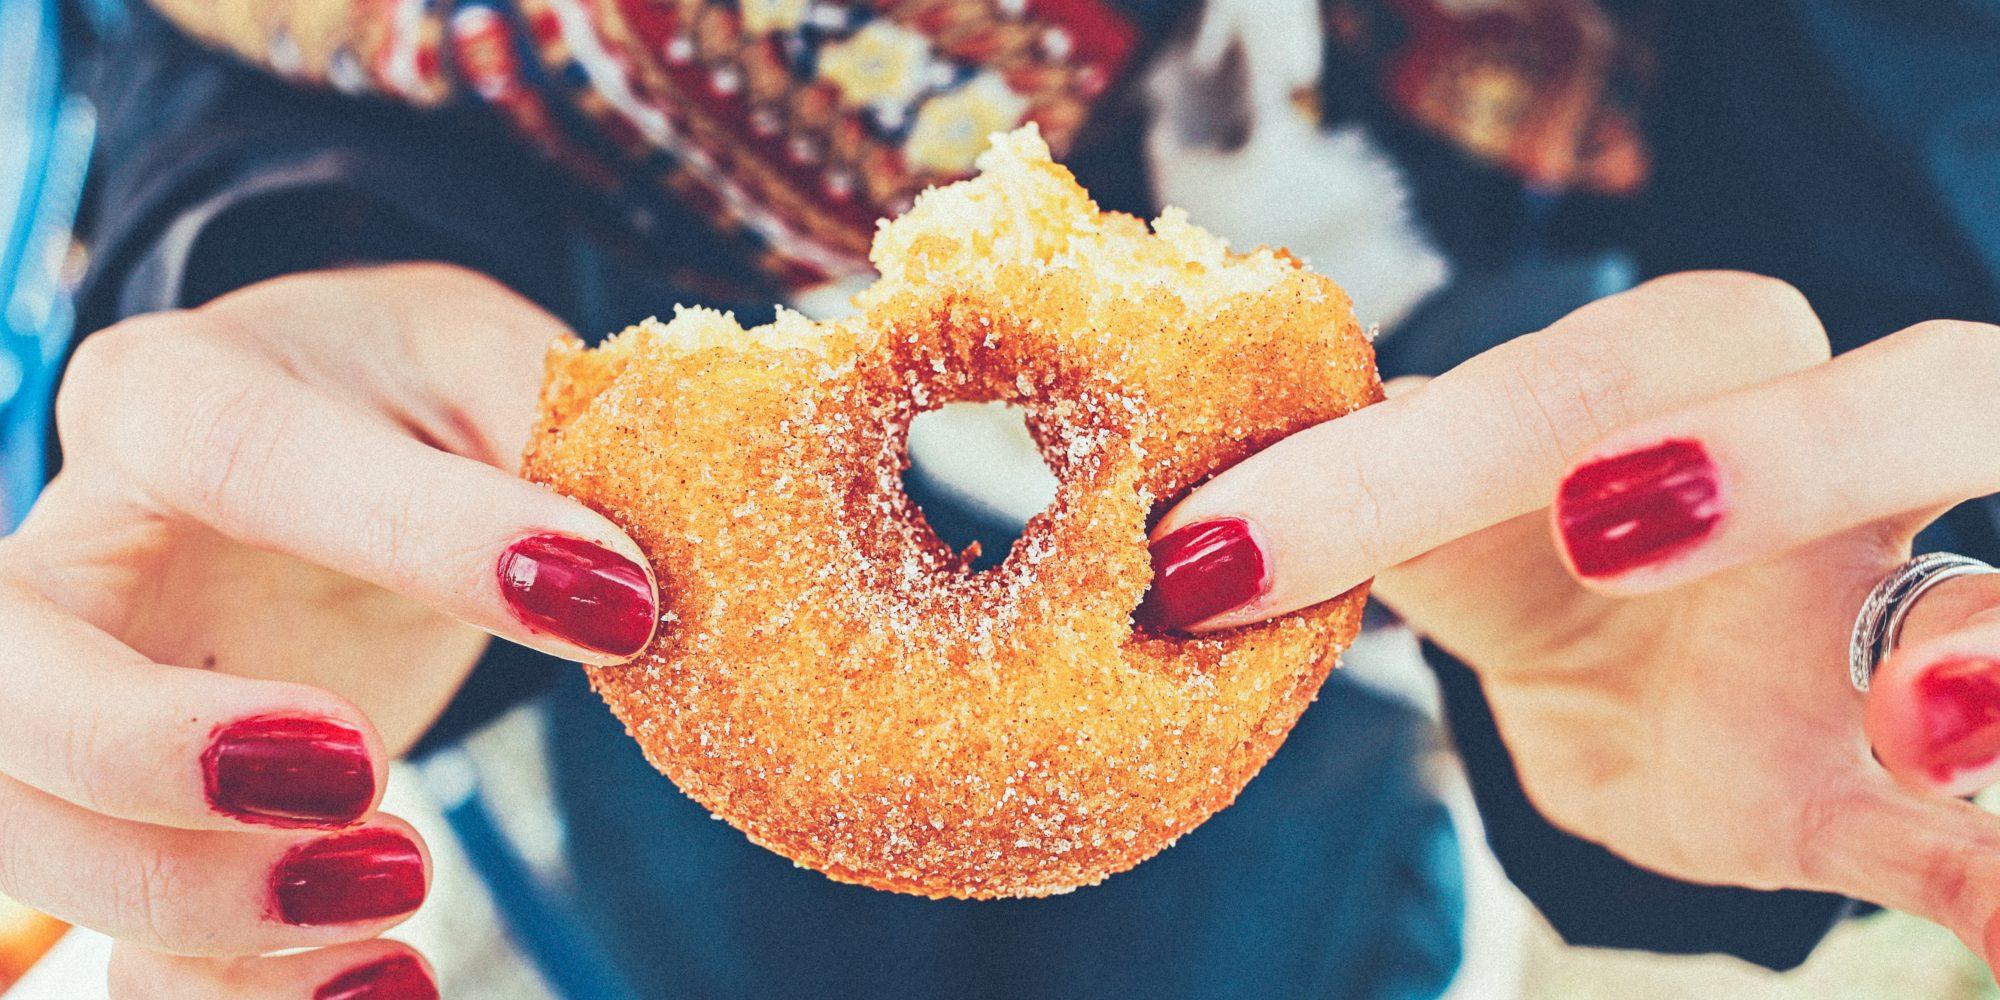 Faîtes le test ! Consommez-vous trop de sucre ?